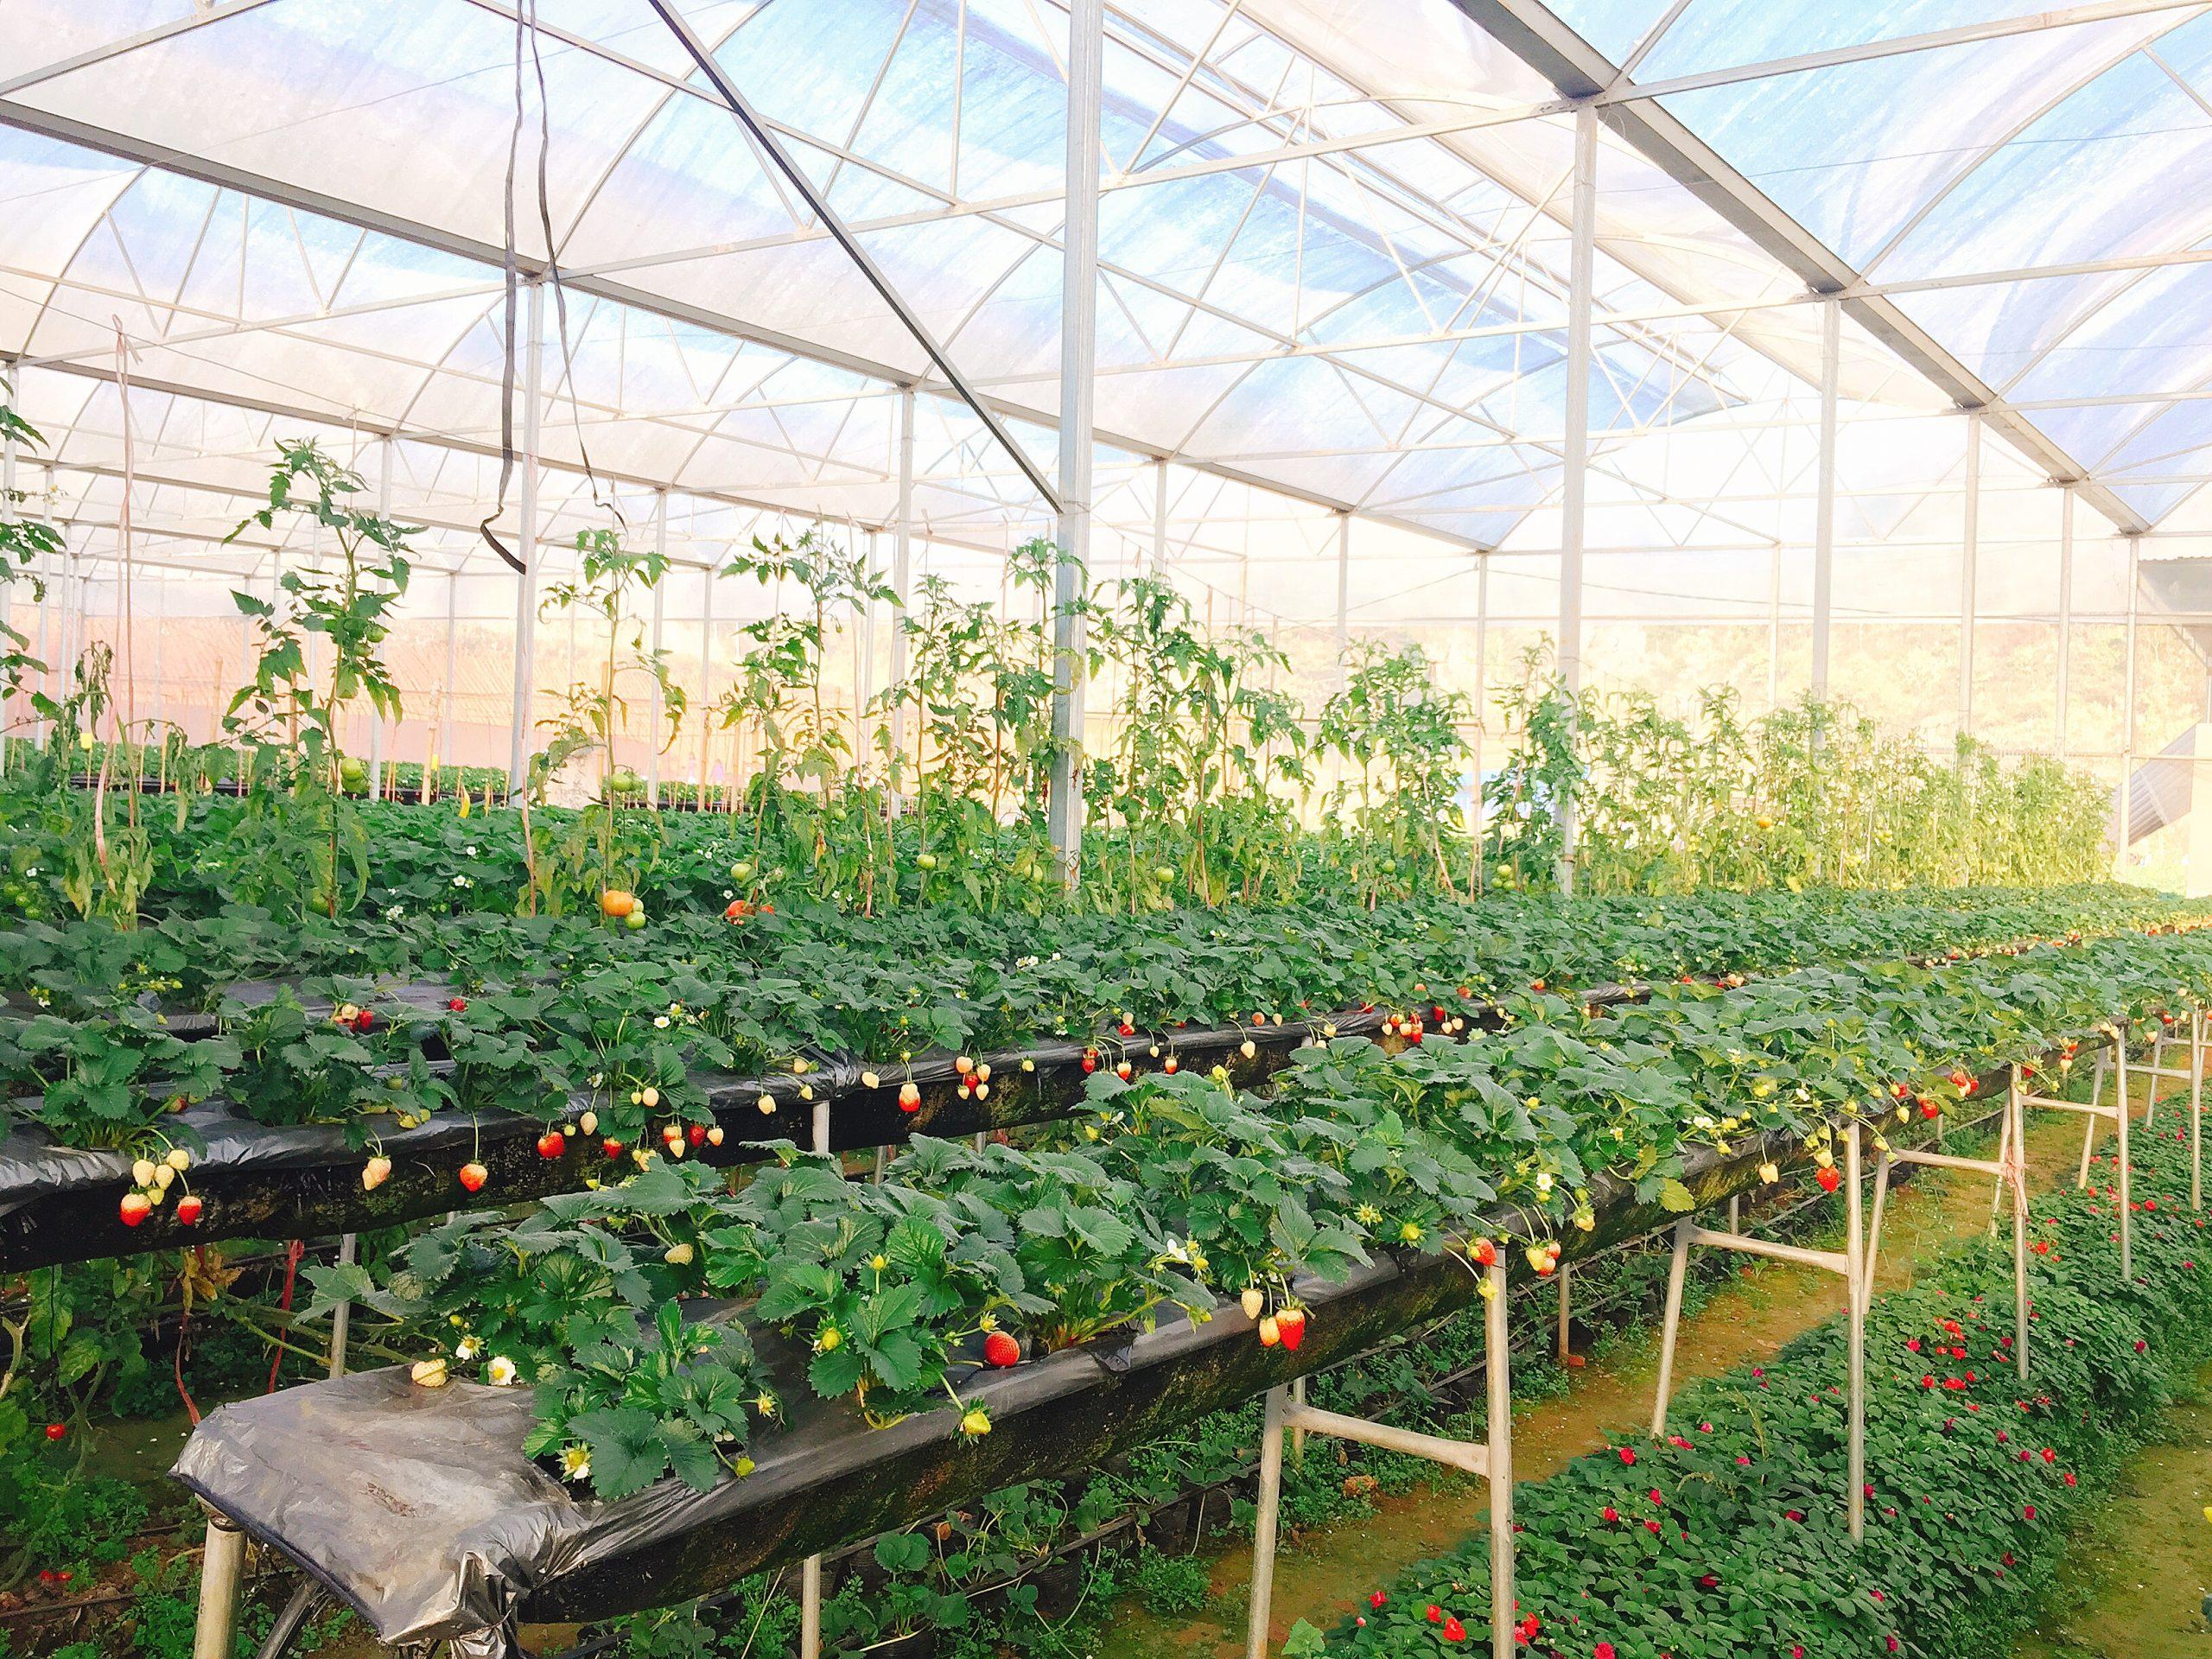 Để có được một vườn dâu tây phát triển tốt cần nhiều công chăm sóc. Liên hệ mua cây giống, tư vấn kỹ thuật 082.989.1110